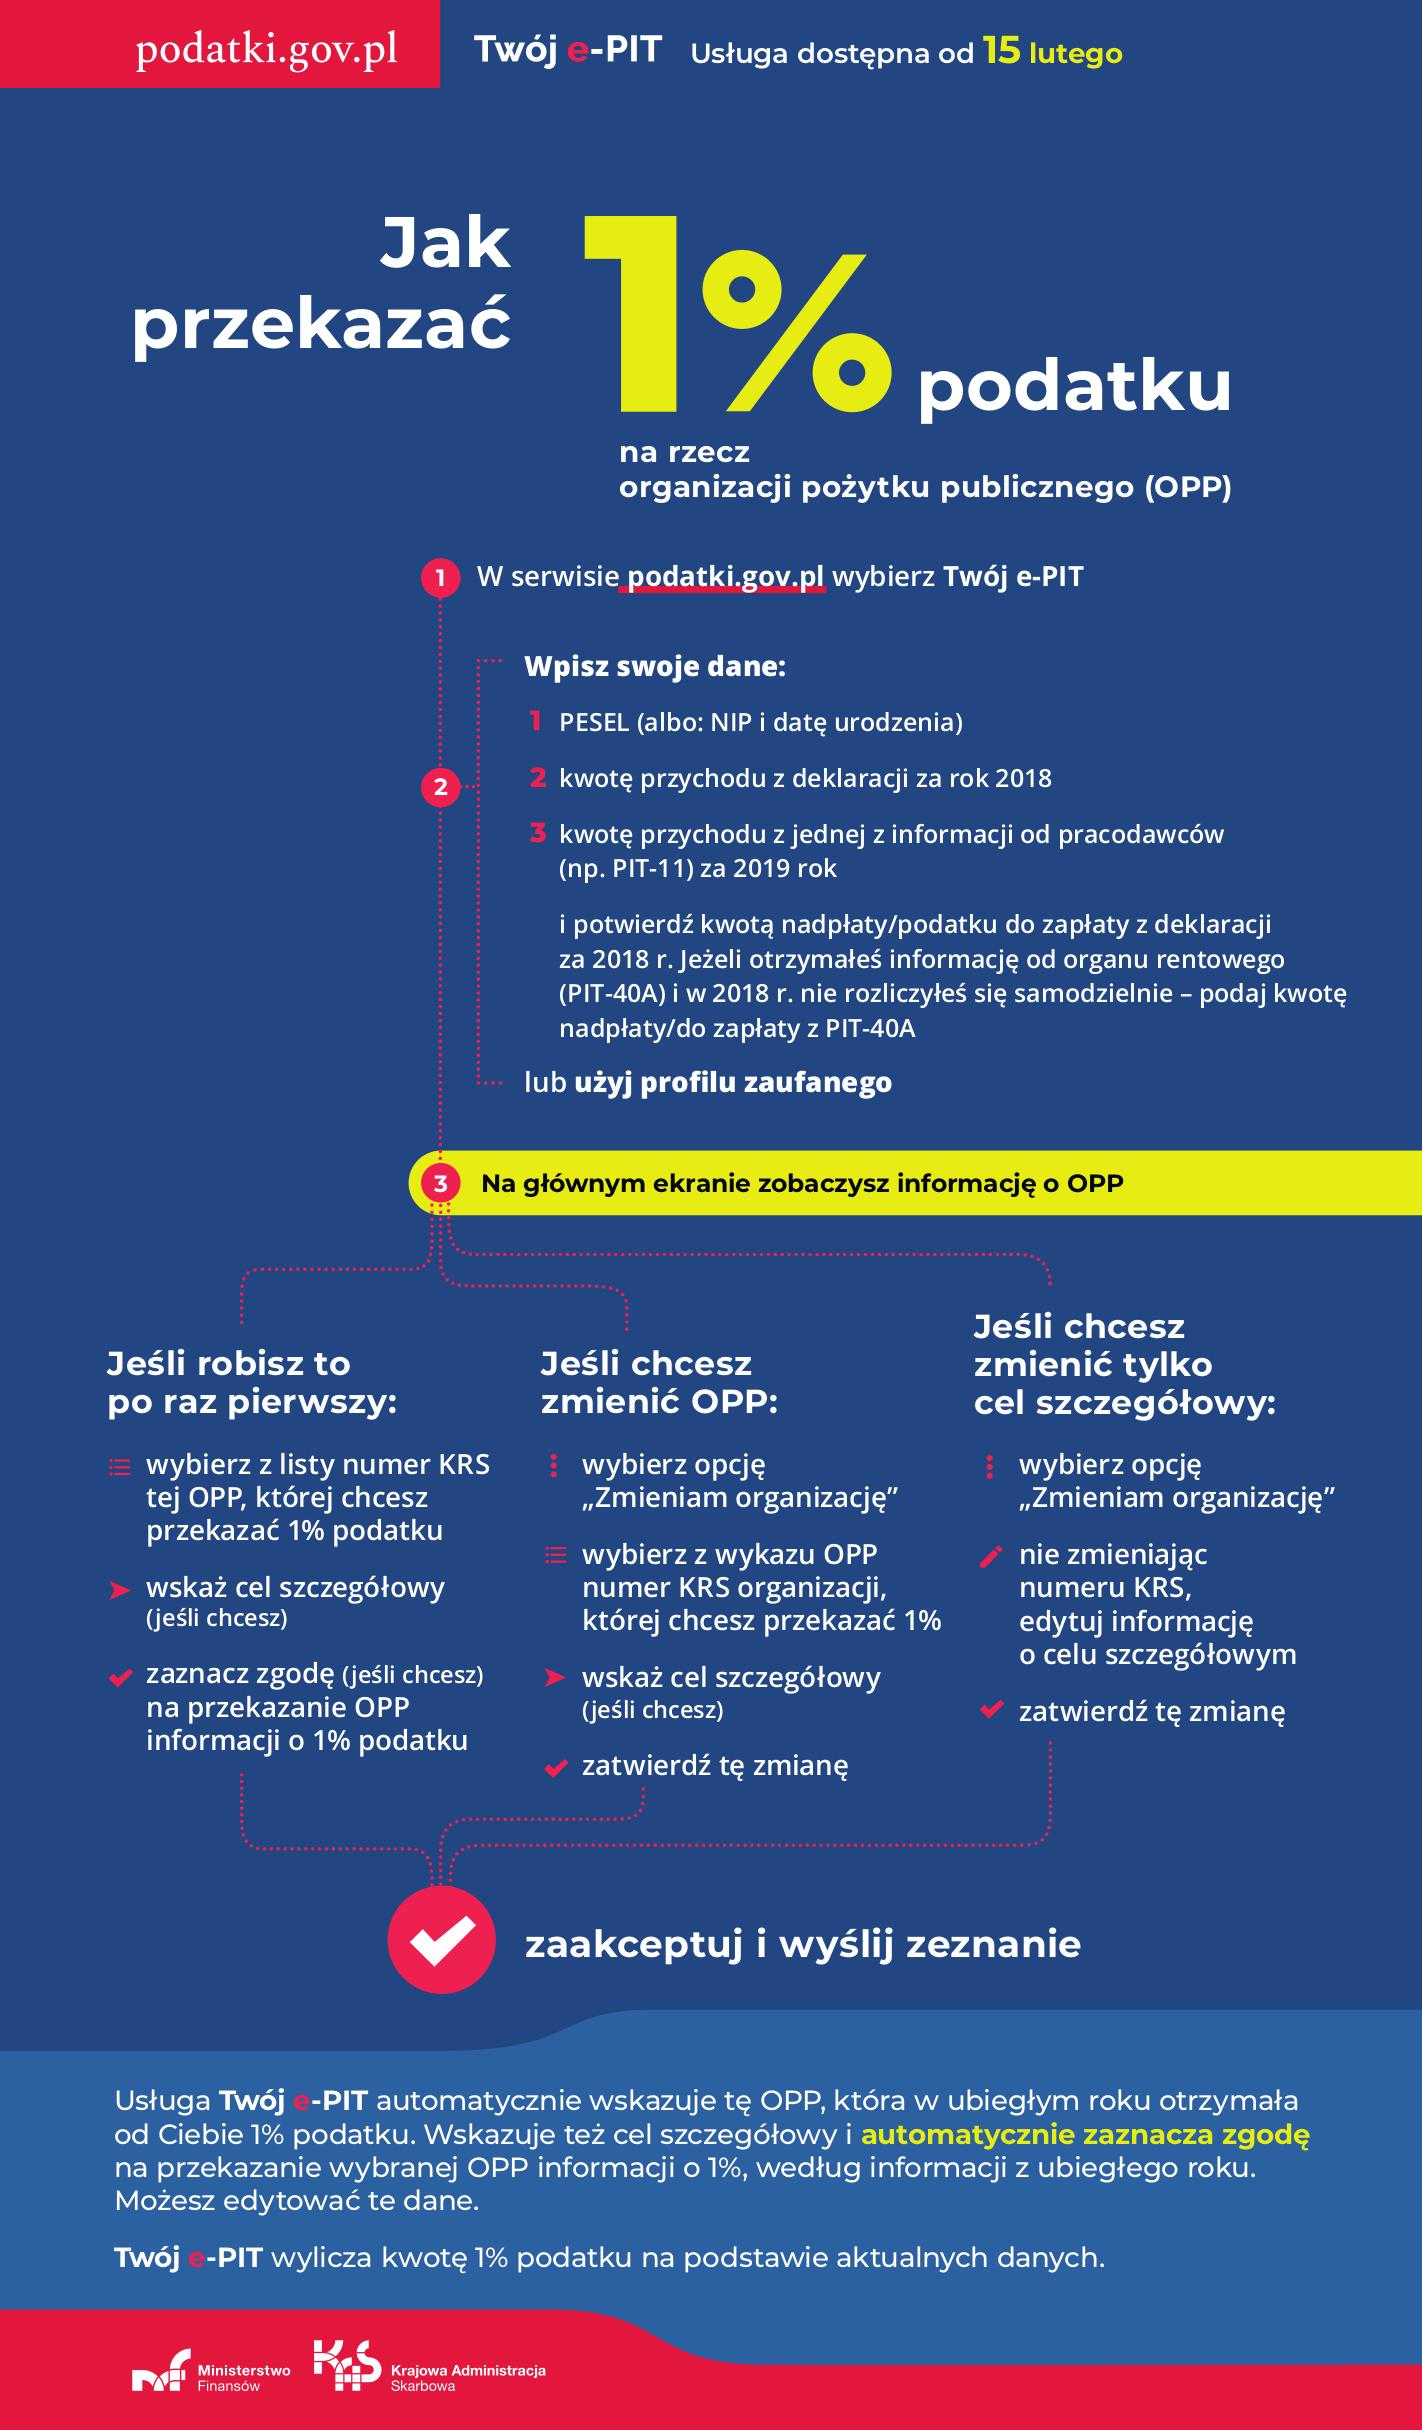 Grafika informująca jak przekazać 1 % podatku narzecz wybranej OPP. Wersja tekstowa dostępna poniżej